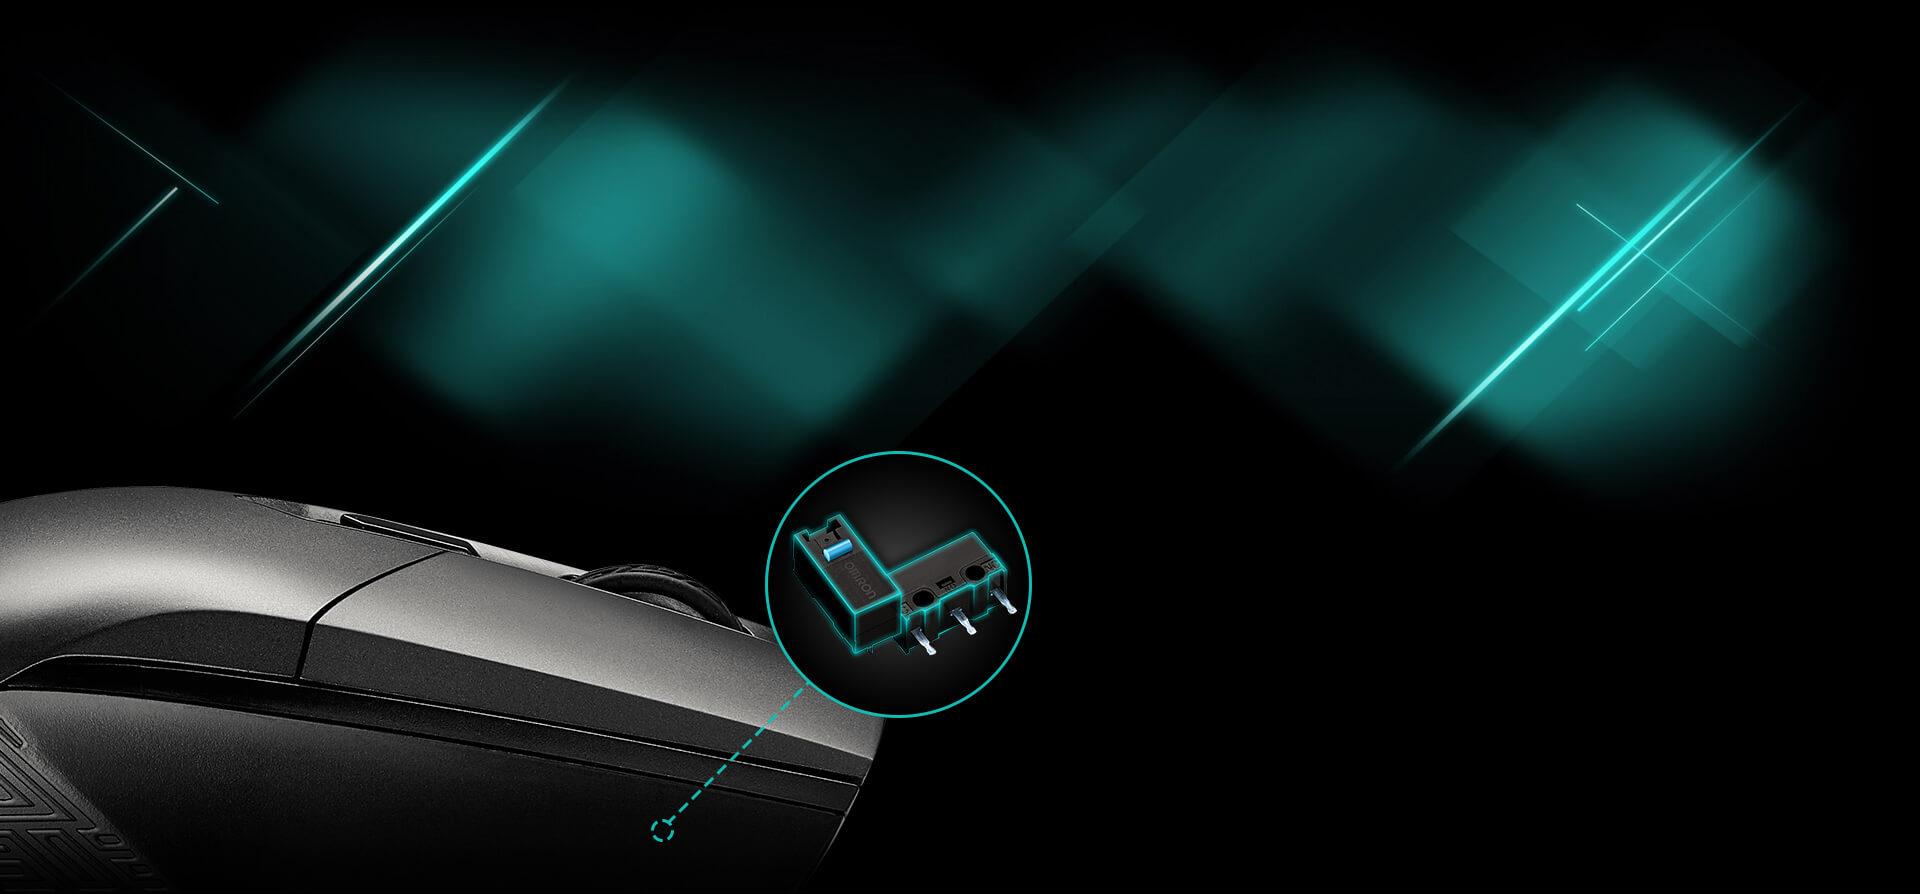 Chuột chơi game Asus ROG Strix Impact sử dụng switch bấm Omron